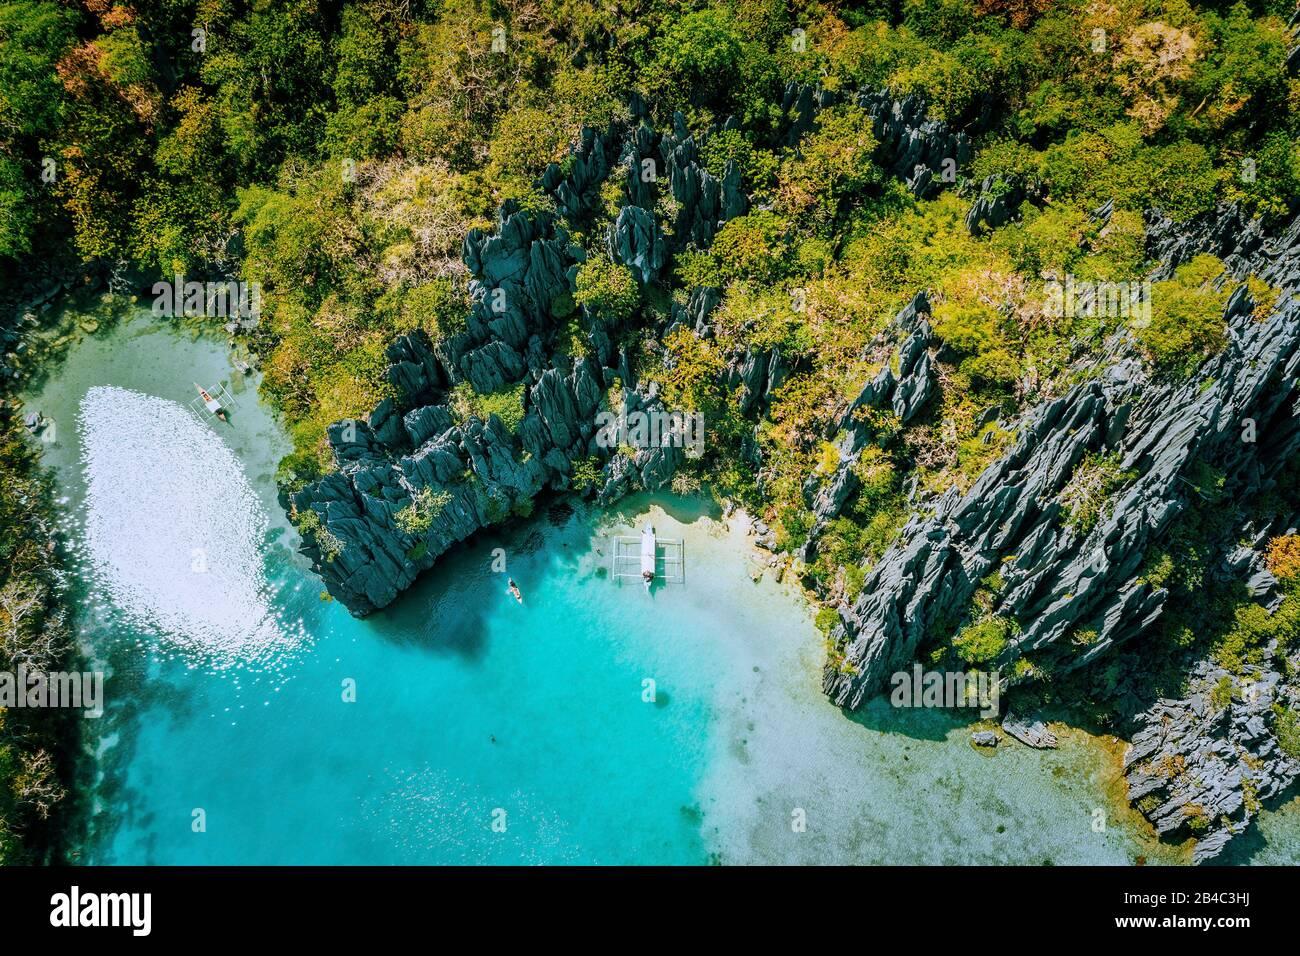 Meeresreservat El Nido Palawan Philippinen, Luftansicht des tropischen Paradieses türkisfarbene Lagune und scharfe Kalkfelsen. Stockfoto